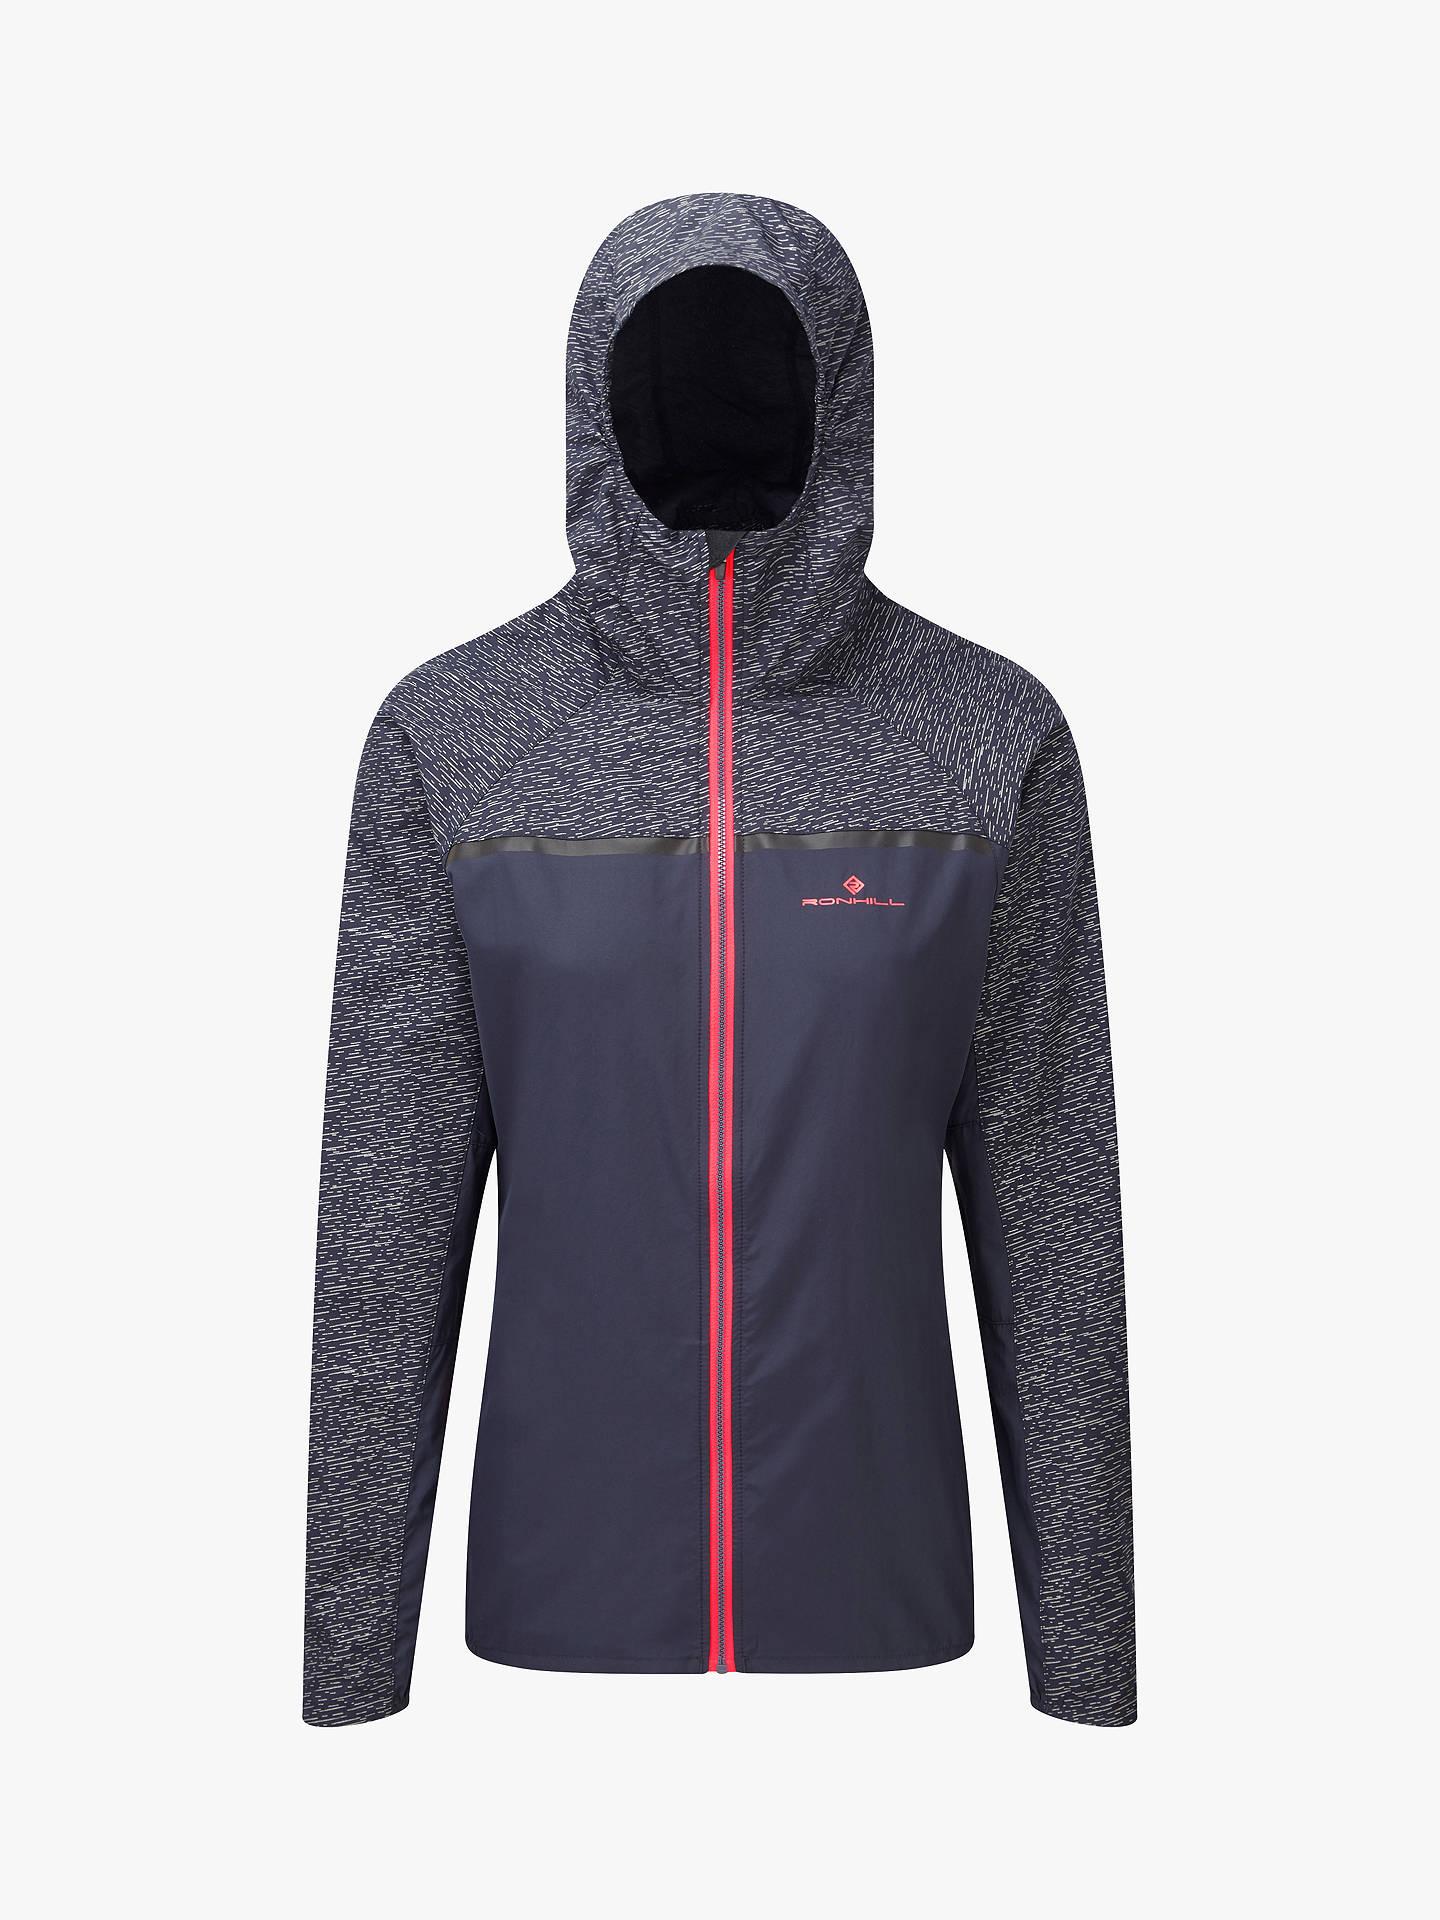 BuyRonhill Momentum Afterlight Women s Running Jacket 9e419ffe5